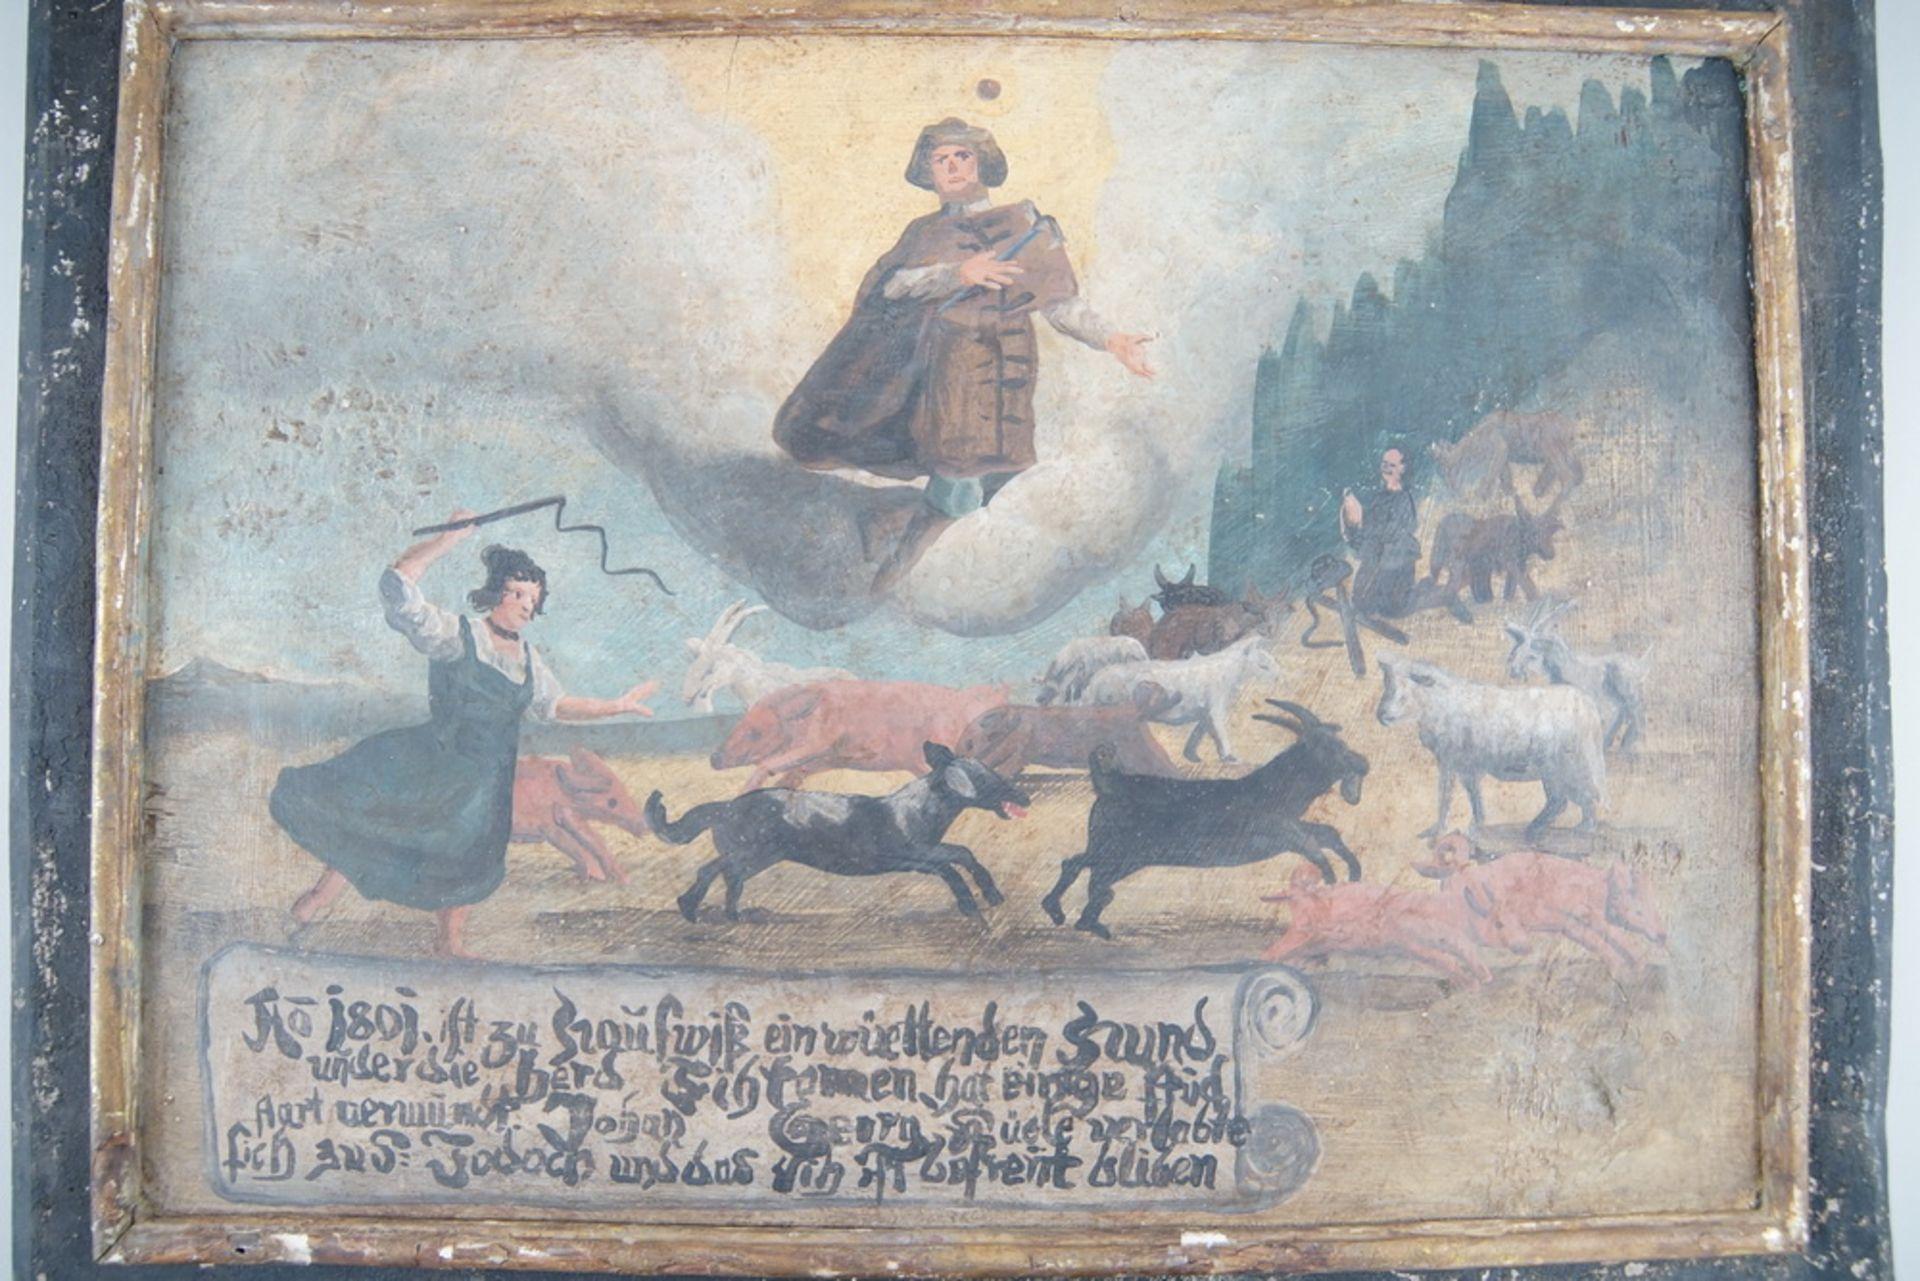 Grosse Votivtafel, Holz bemalt, datiert 1801 mit Sinnspruch, 45,5x58cm - Bild 4 aus 5